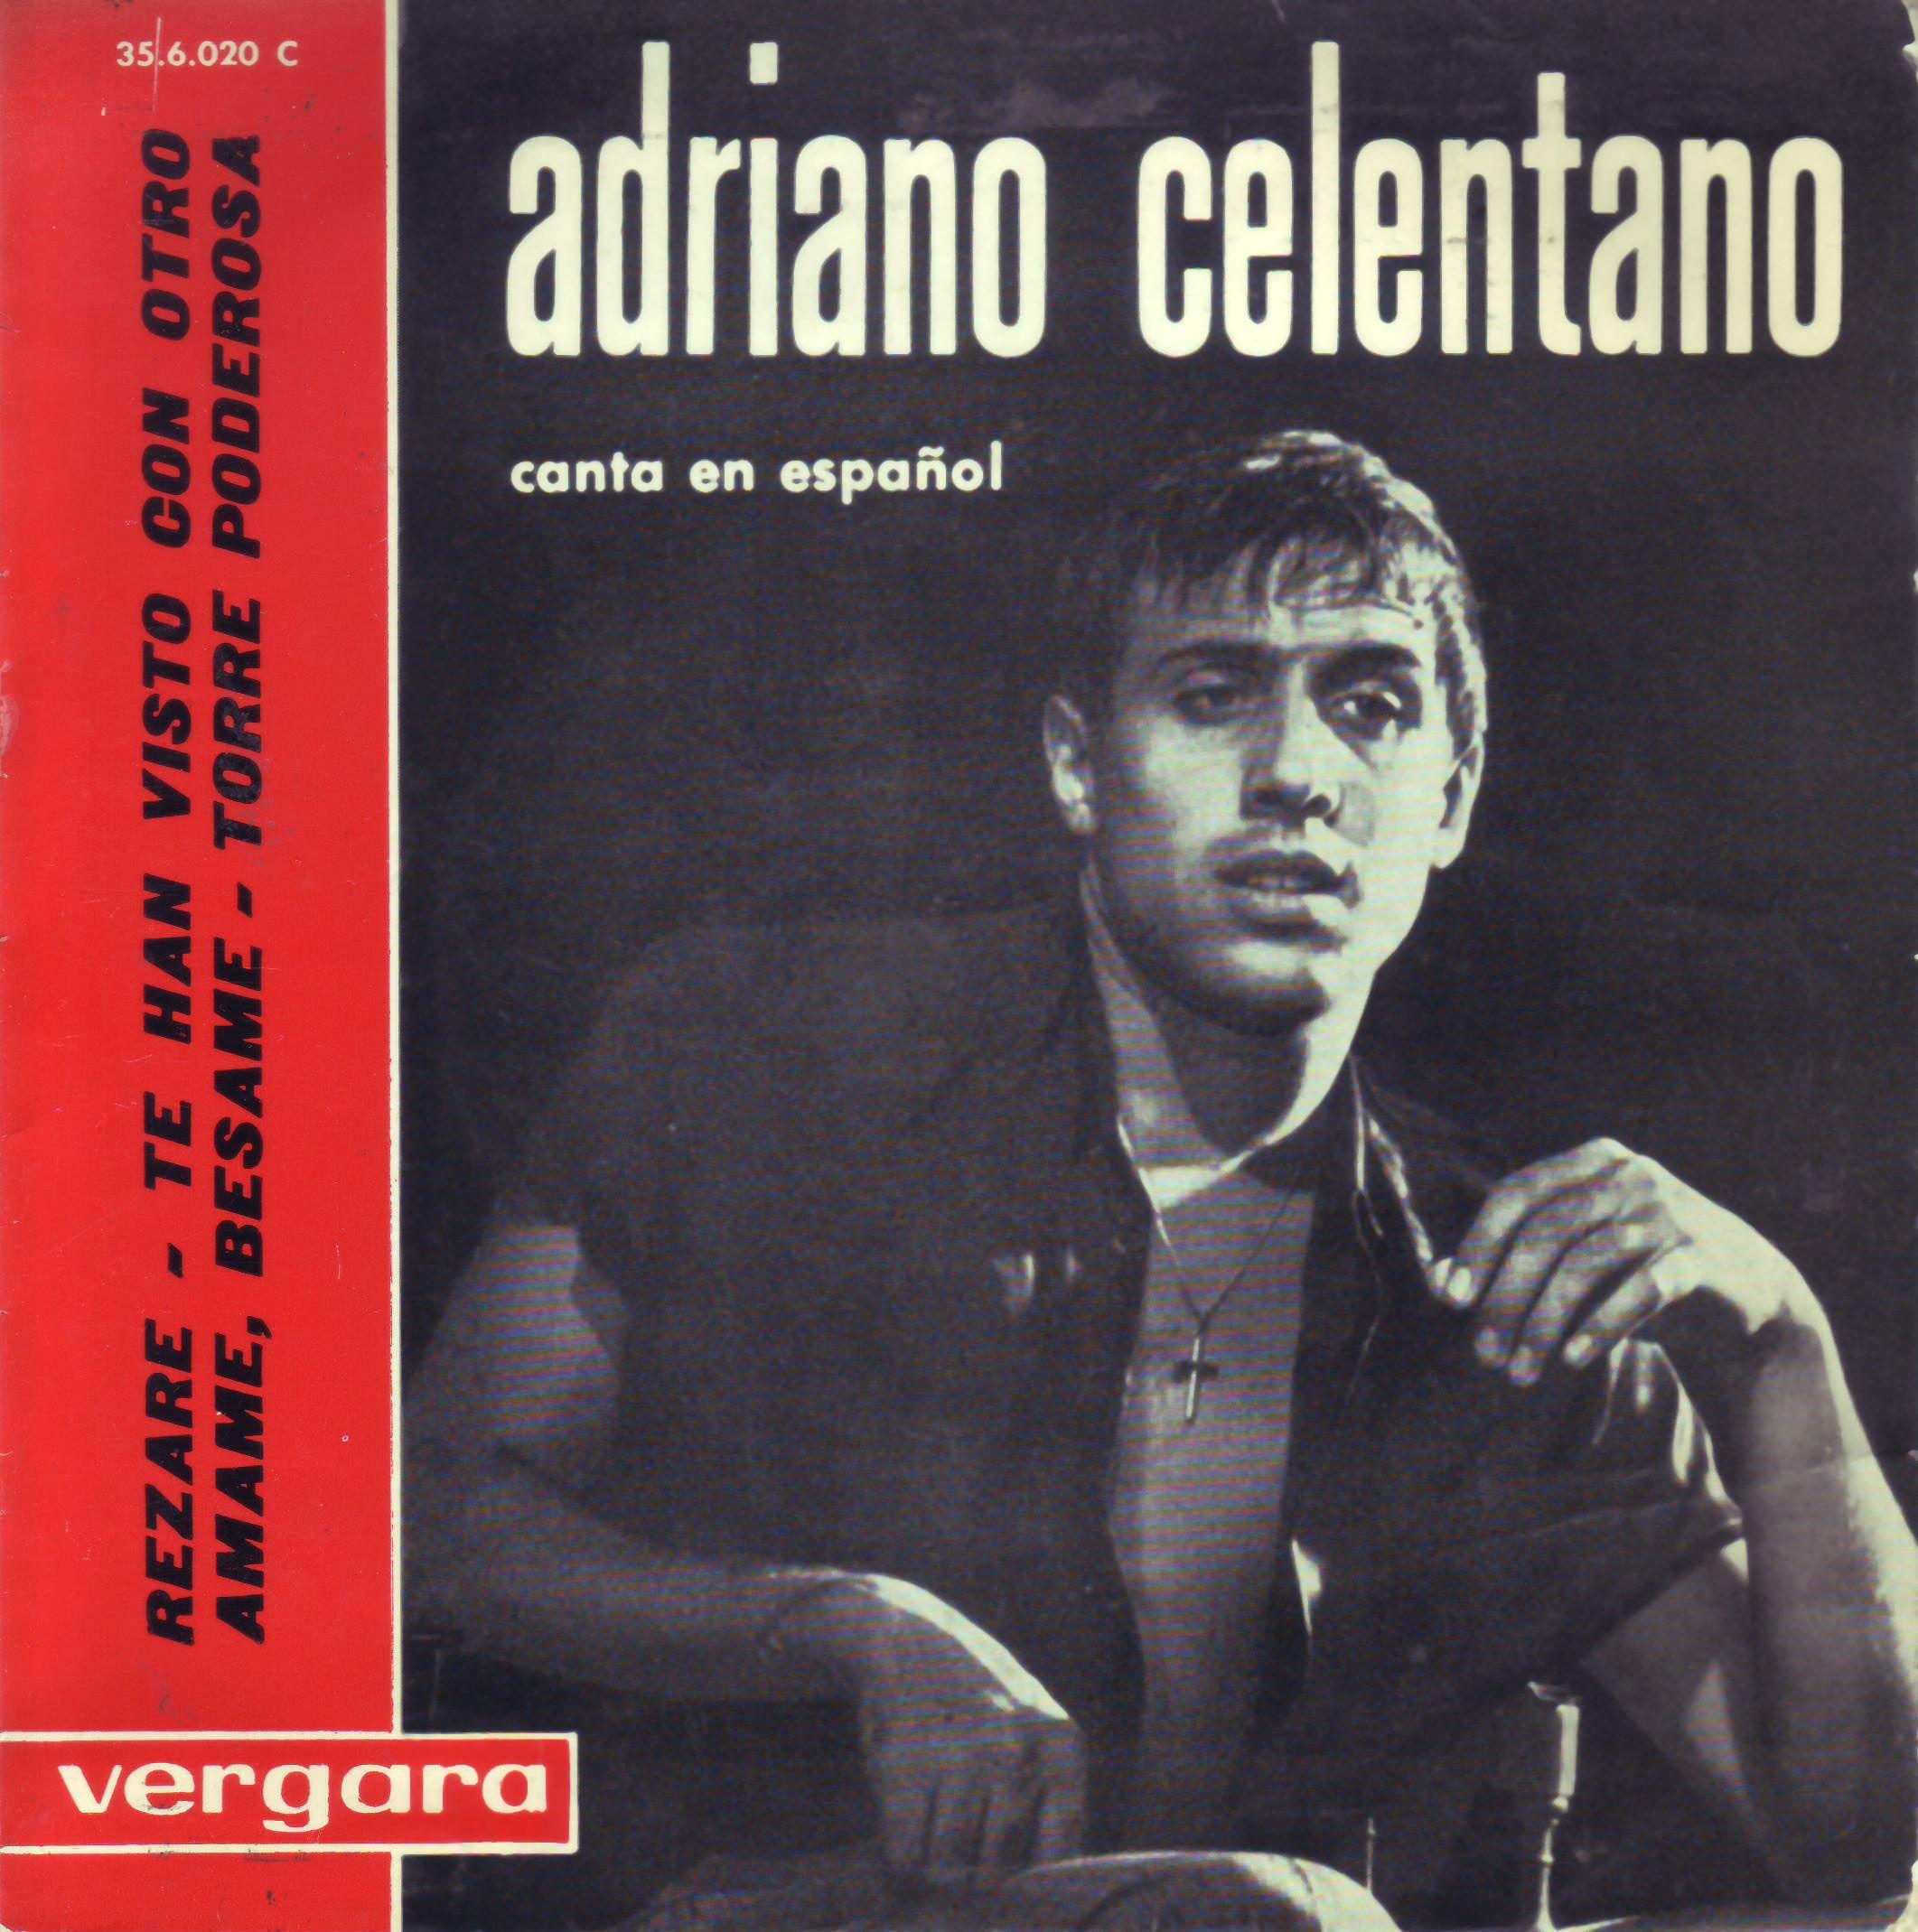 Vinilo Adriano Celentano Frontal Portadavinilo Covervinyl 7inch